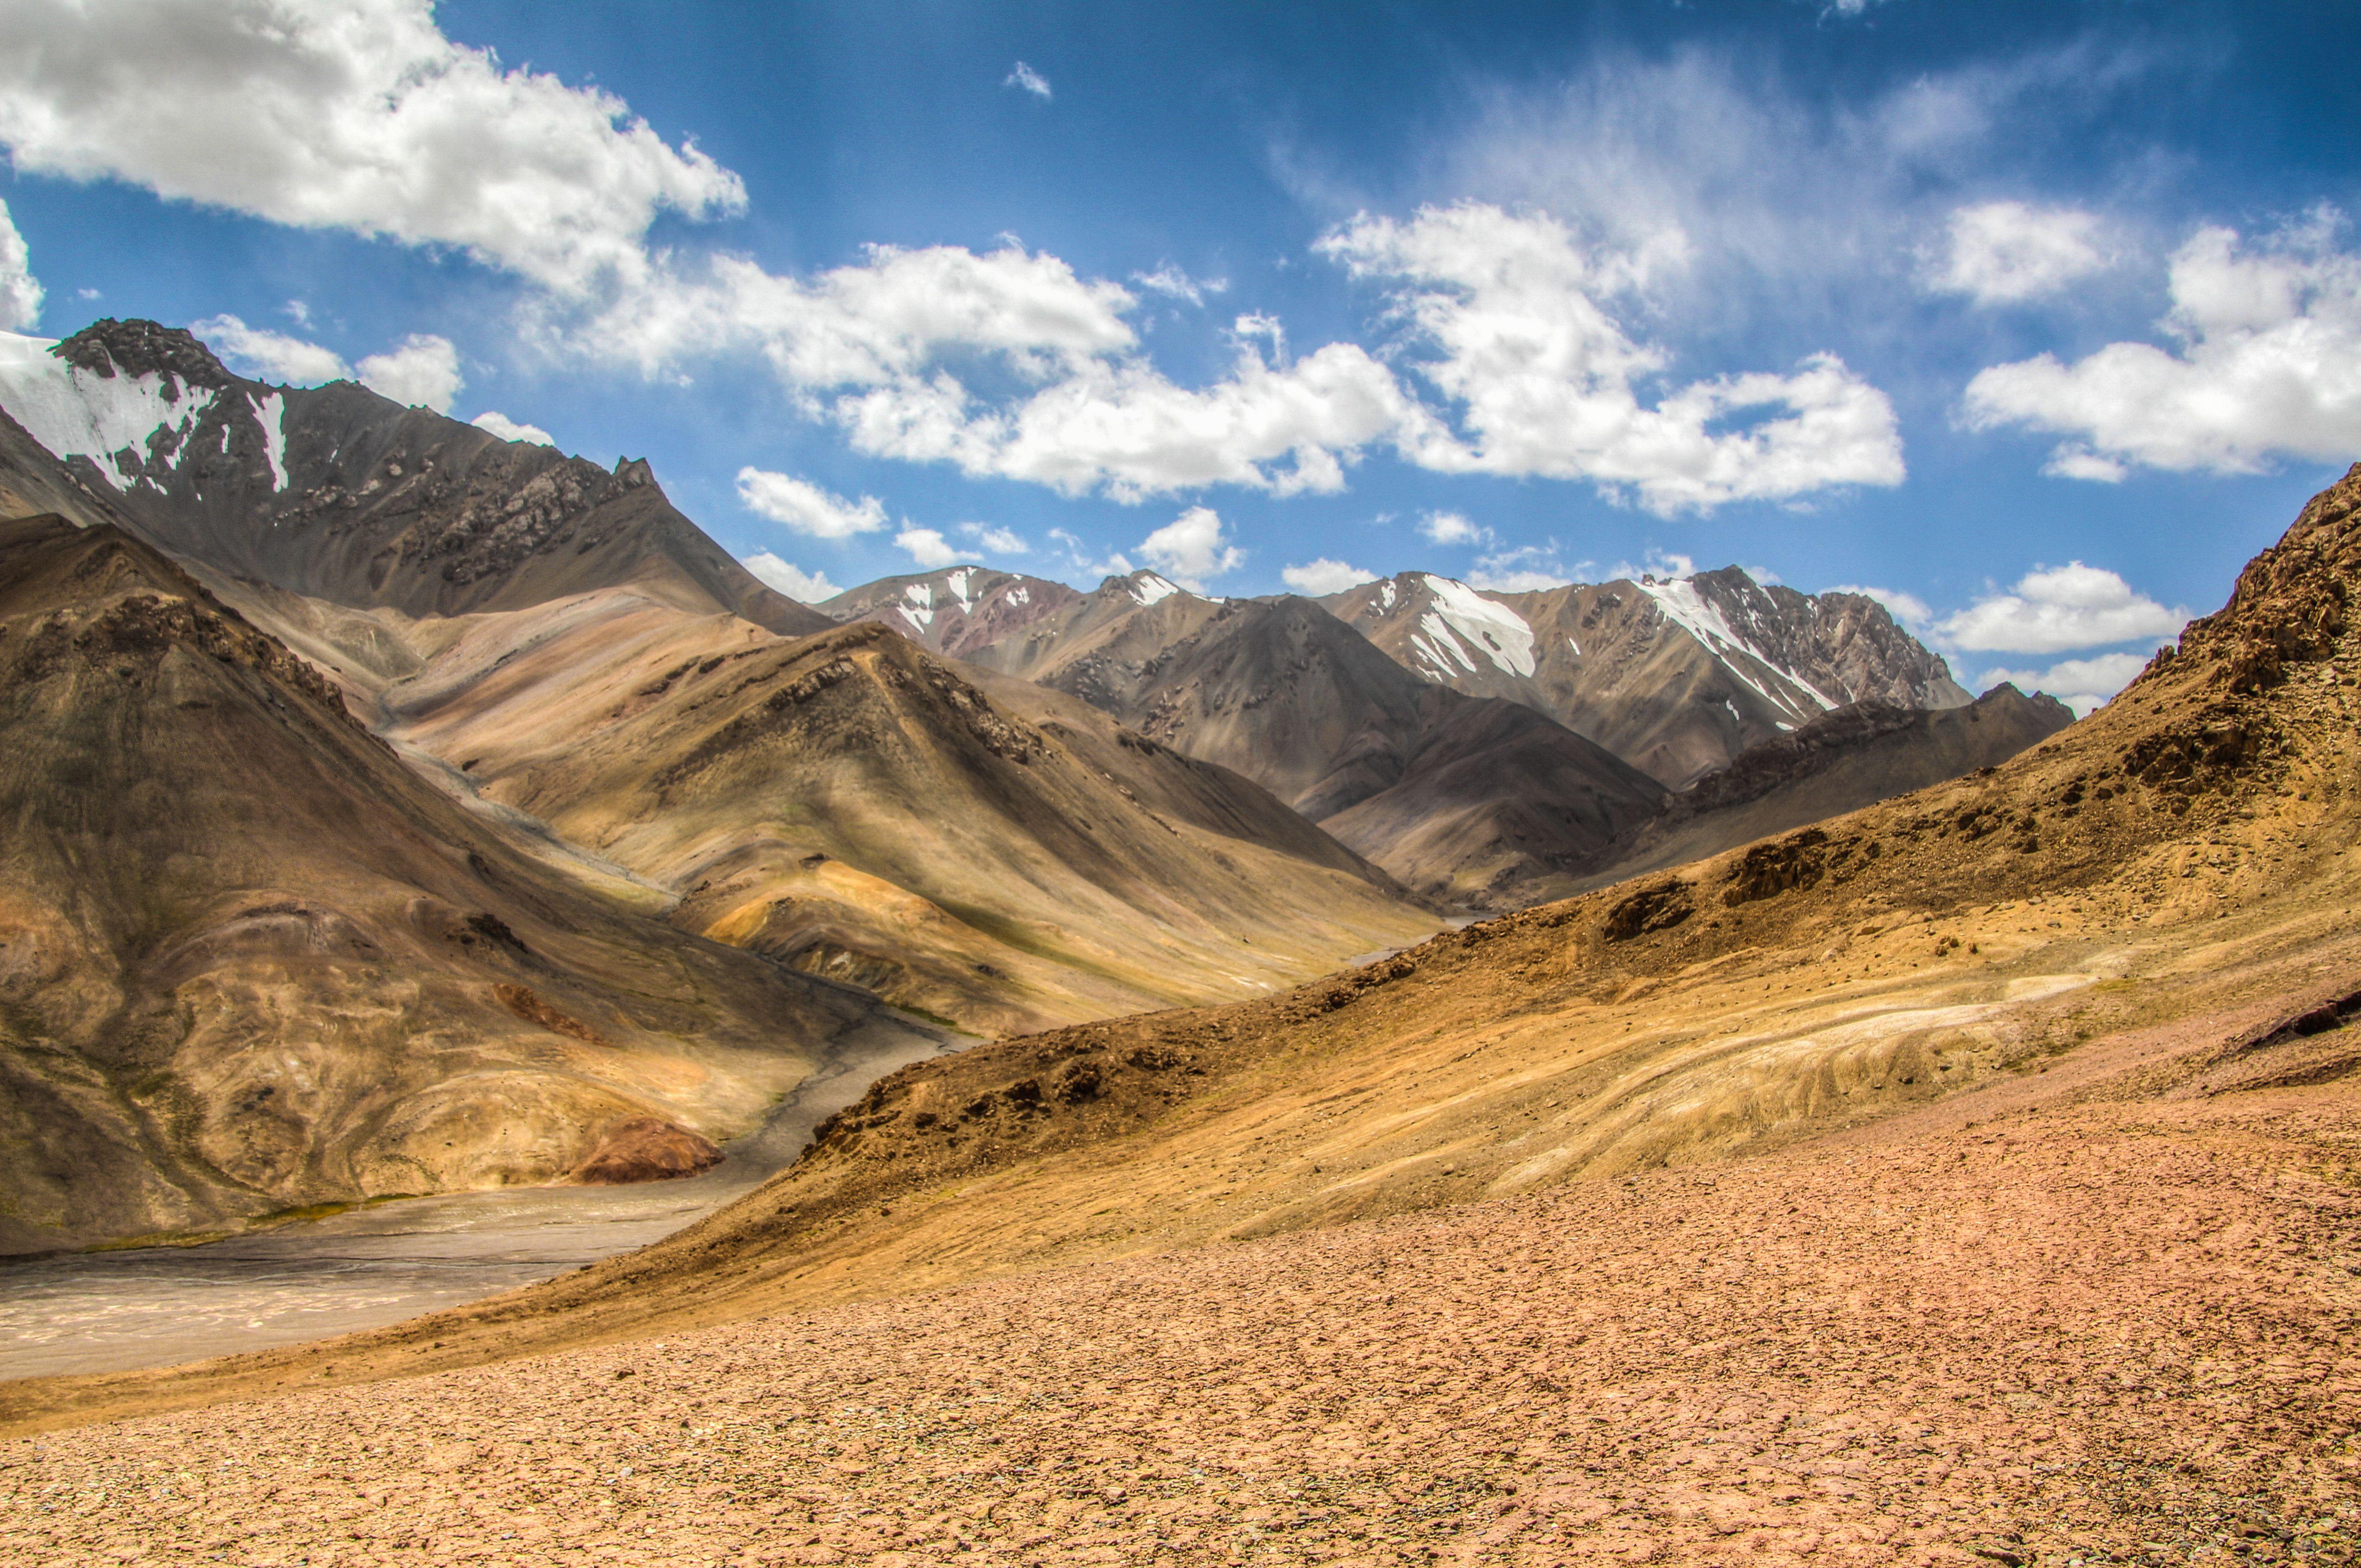 пейзажи средней азии фото кадр уже был